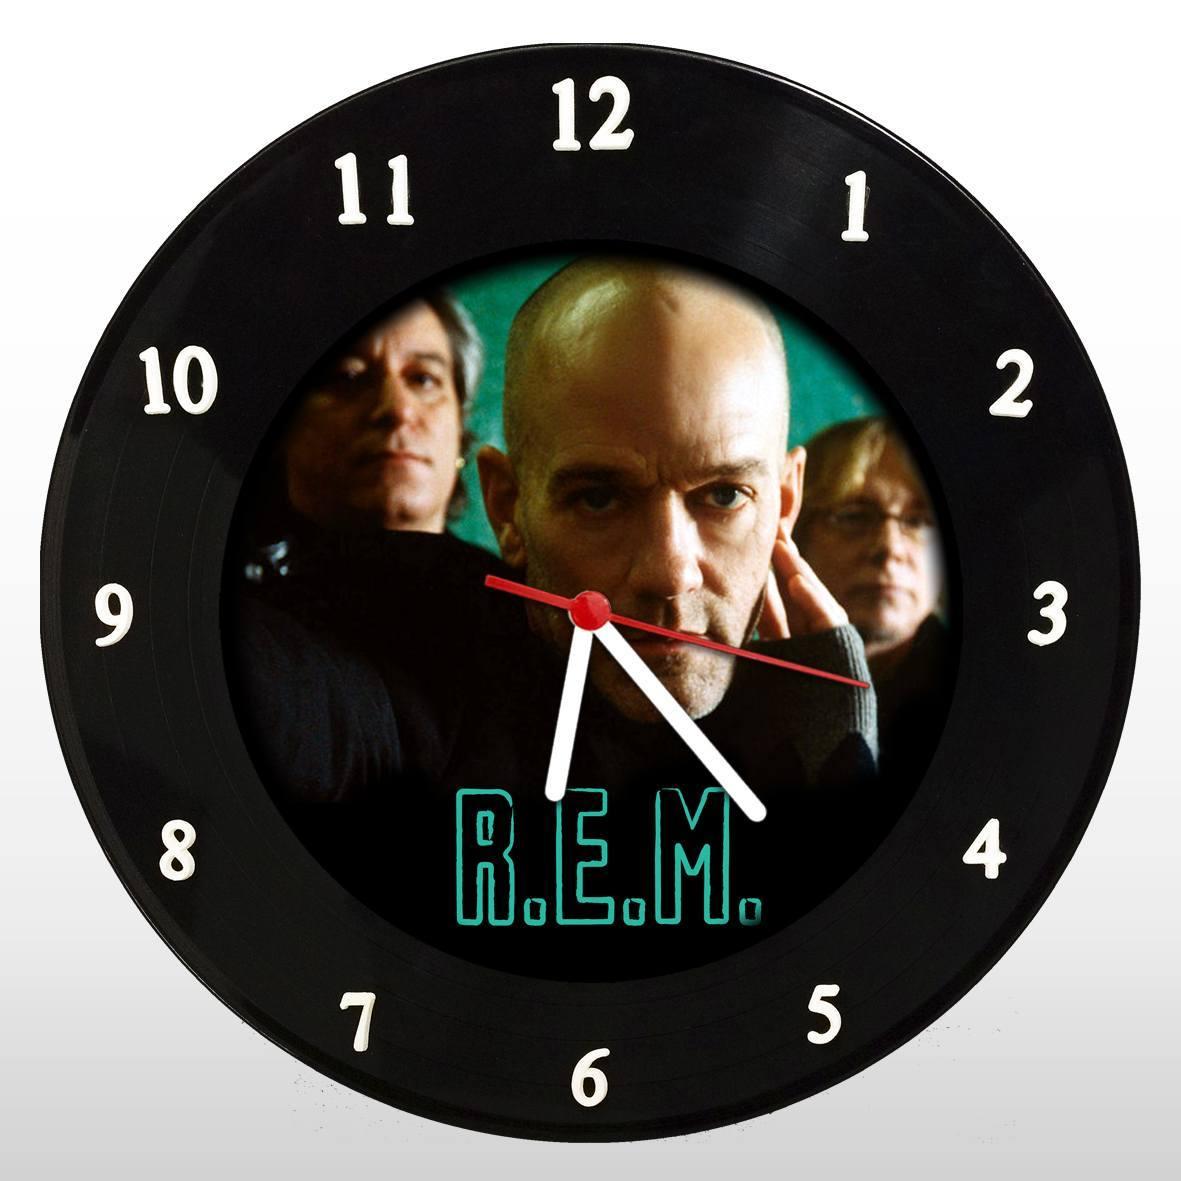 R.E.M. - Relógio de Parede em Disco de Vinil - Mr. Rock